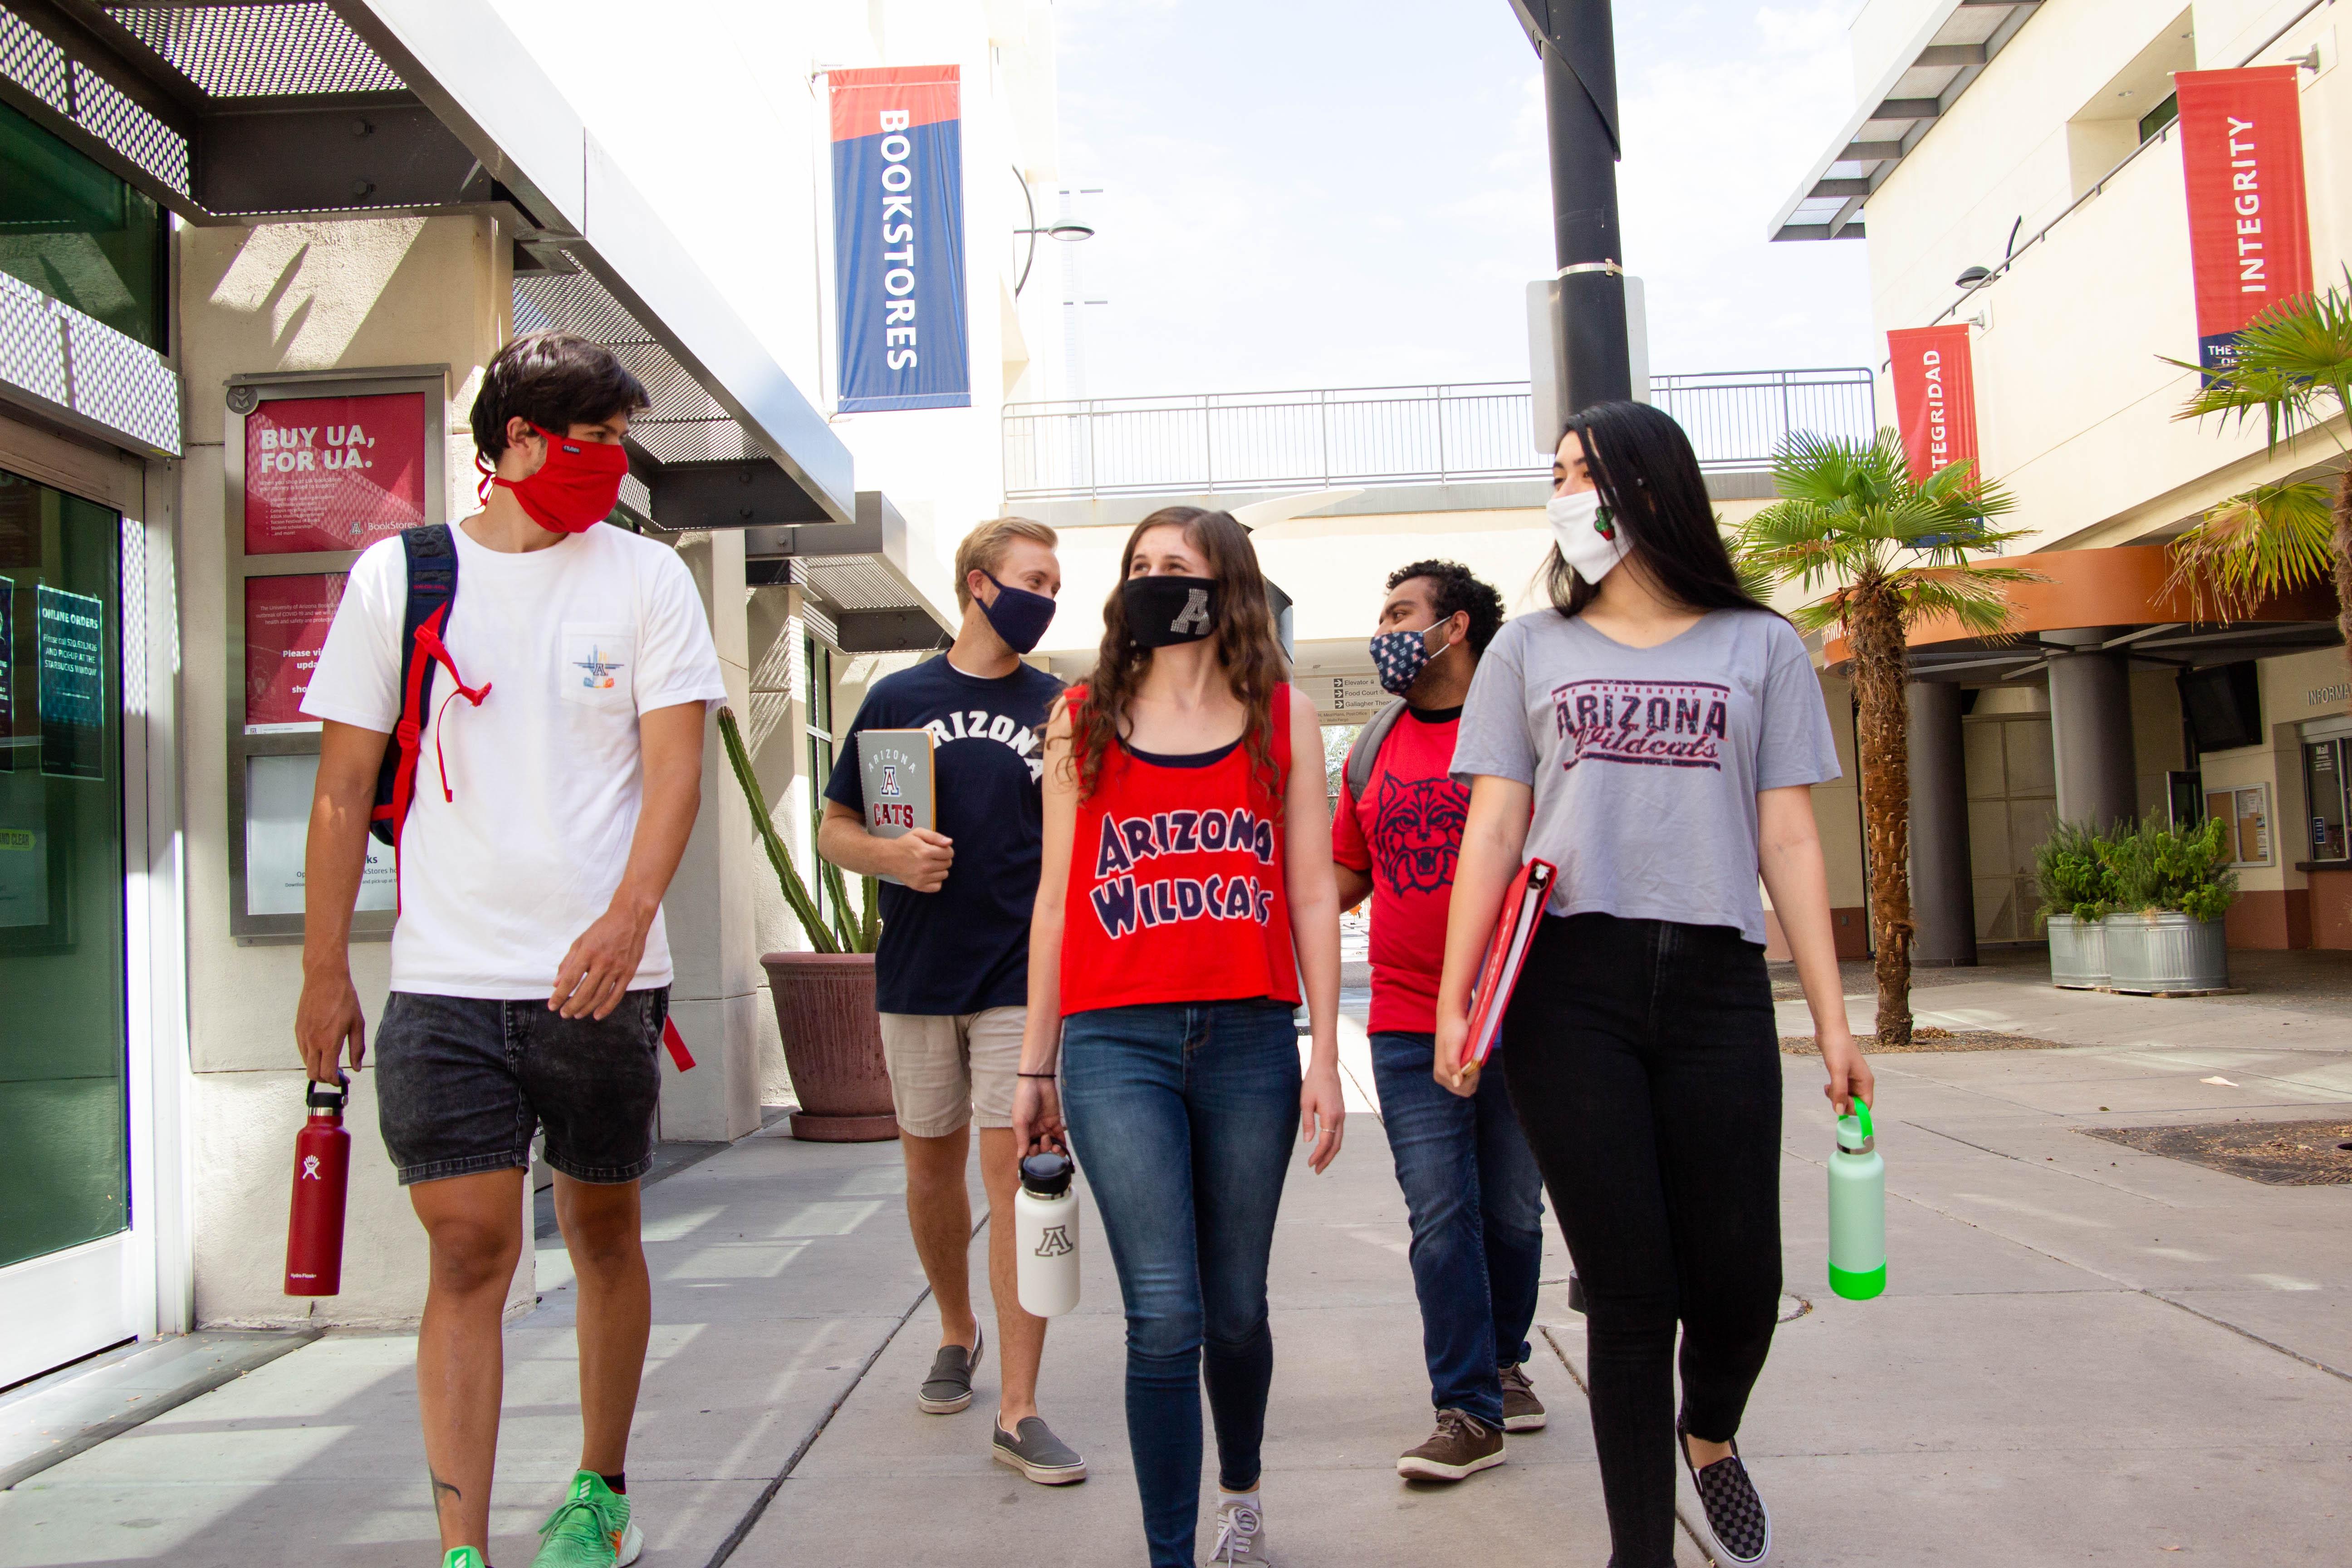 students walking together wearing masks